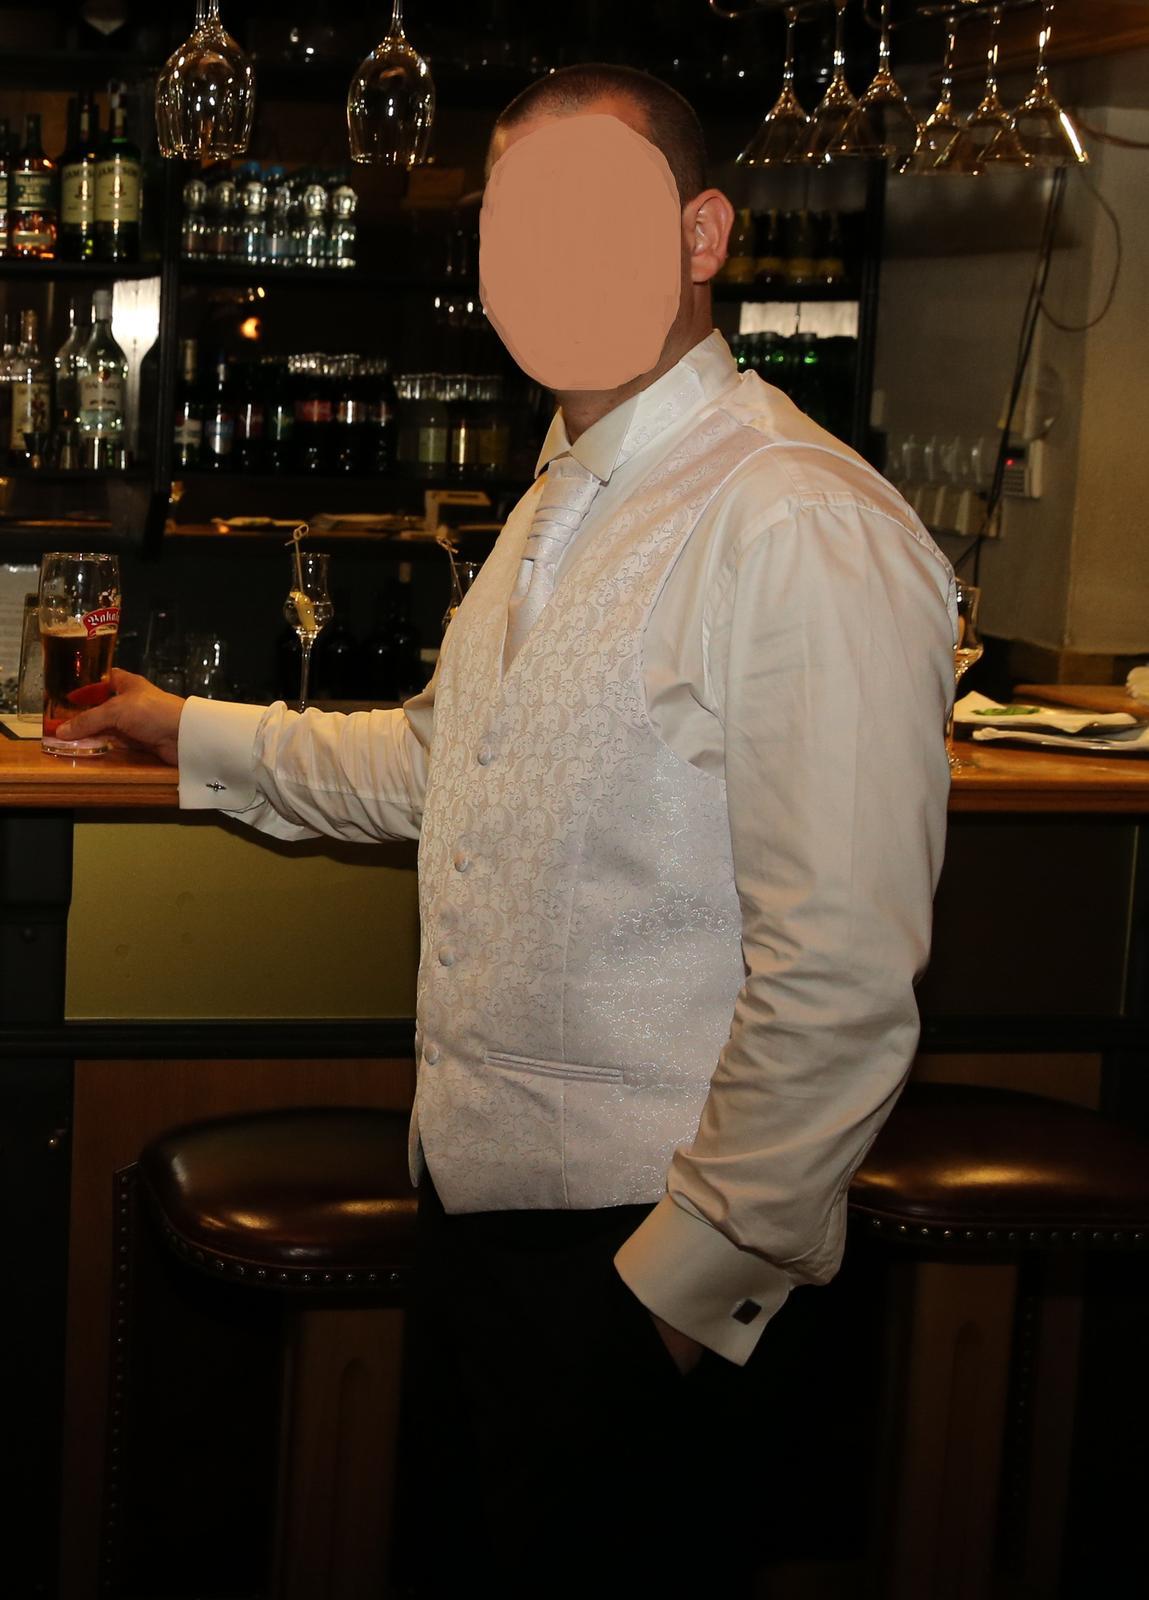 snehobiela vesta aj s kravatou - Obrázok č. 1